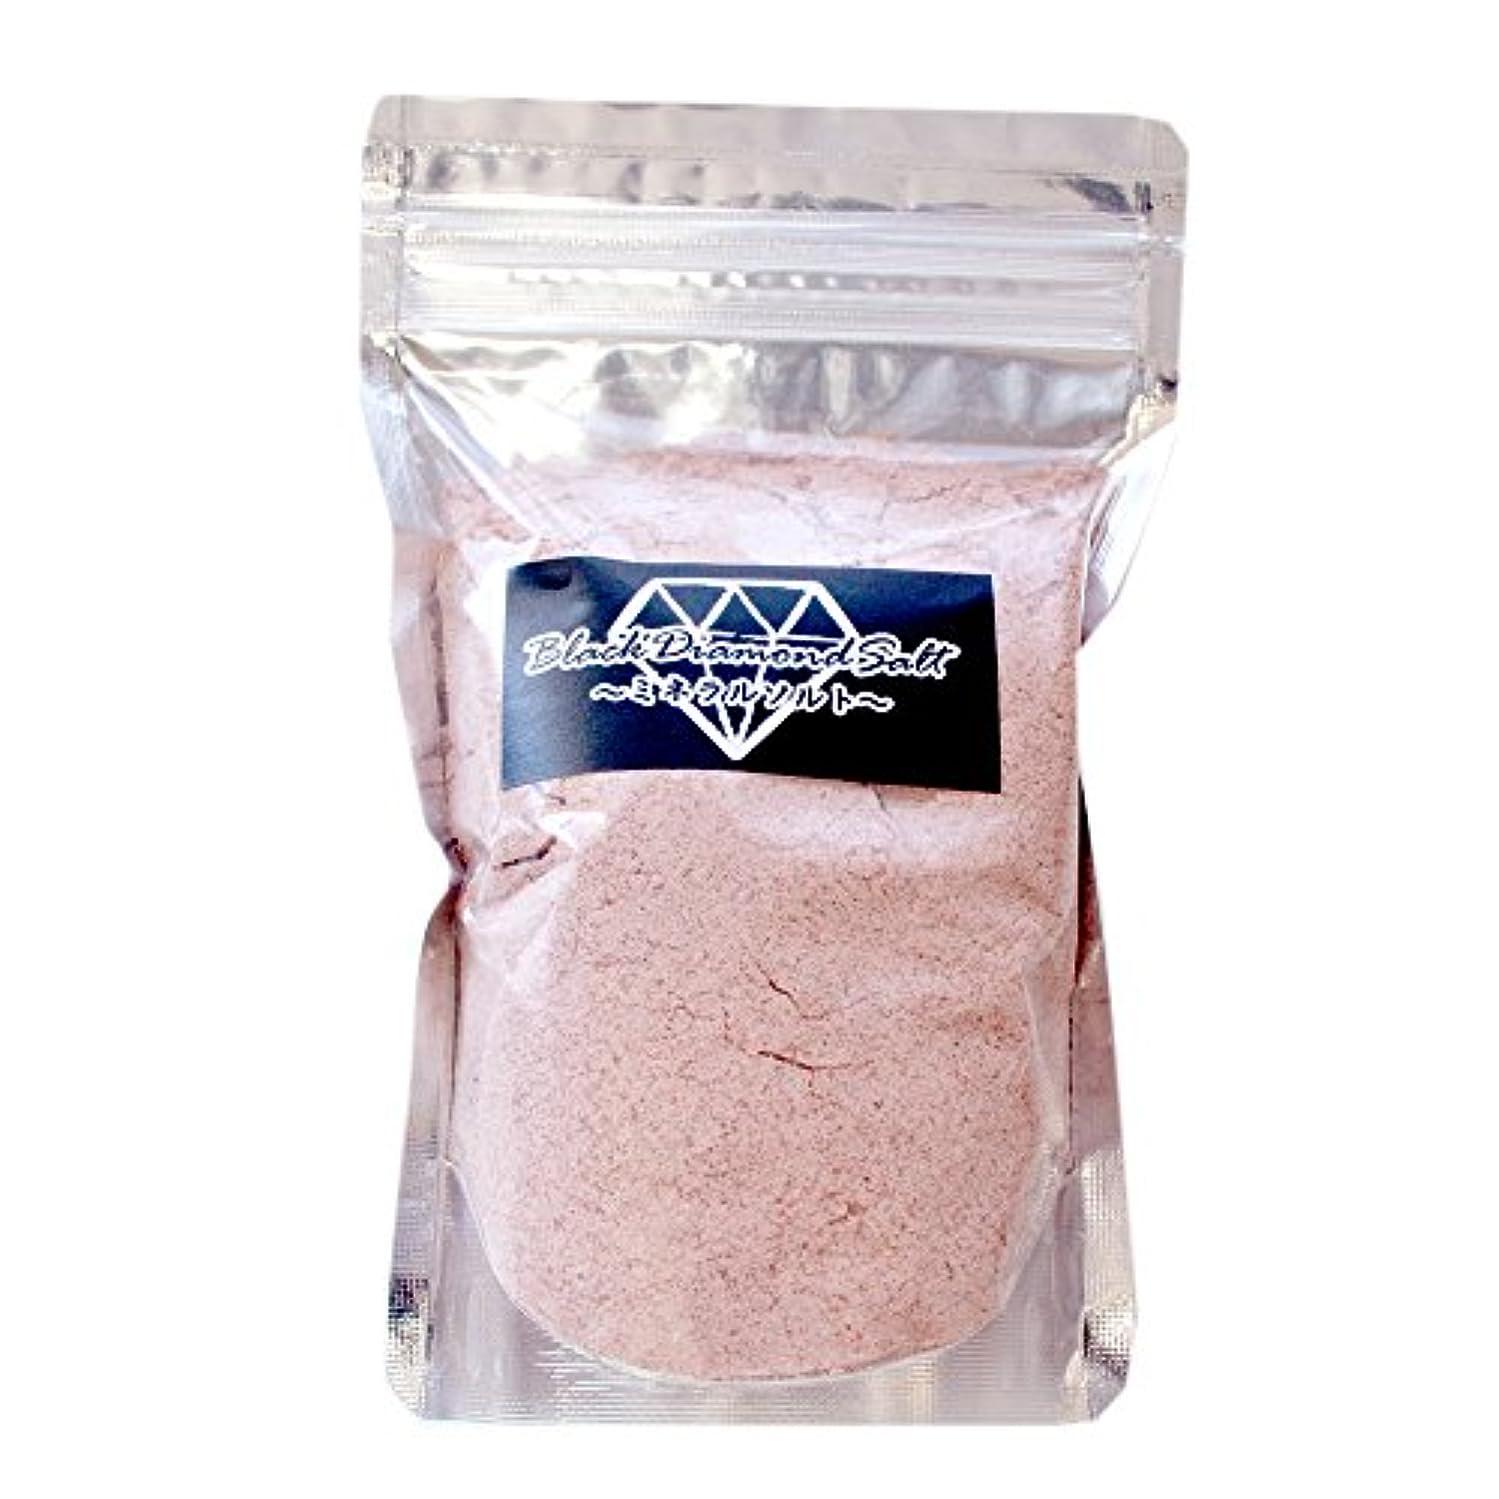 十一持っている気楽な岩塩風呂 ブラックダイヤソルト岩塩400g(約13回分)